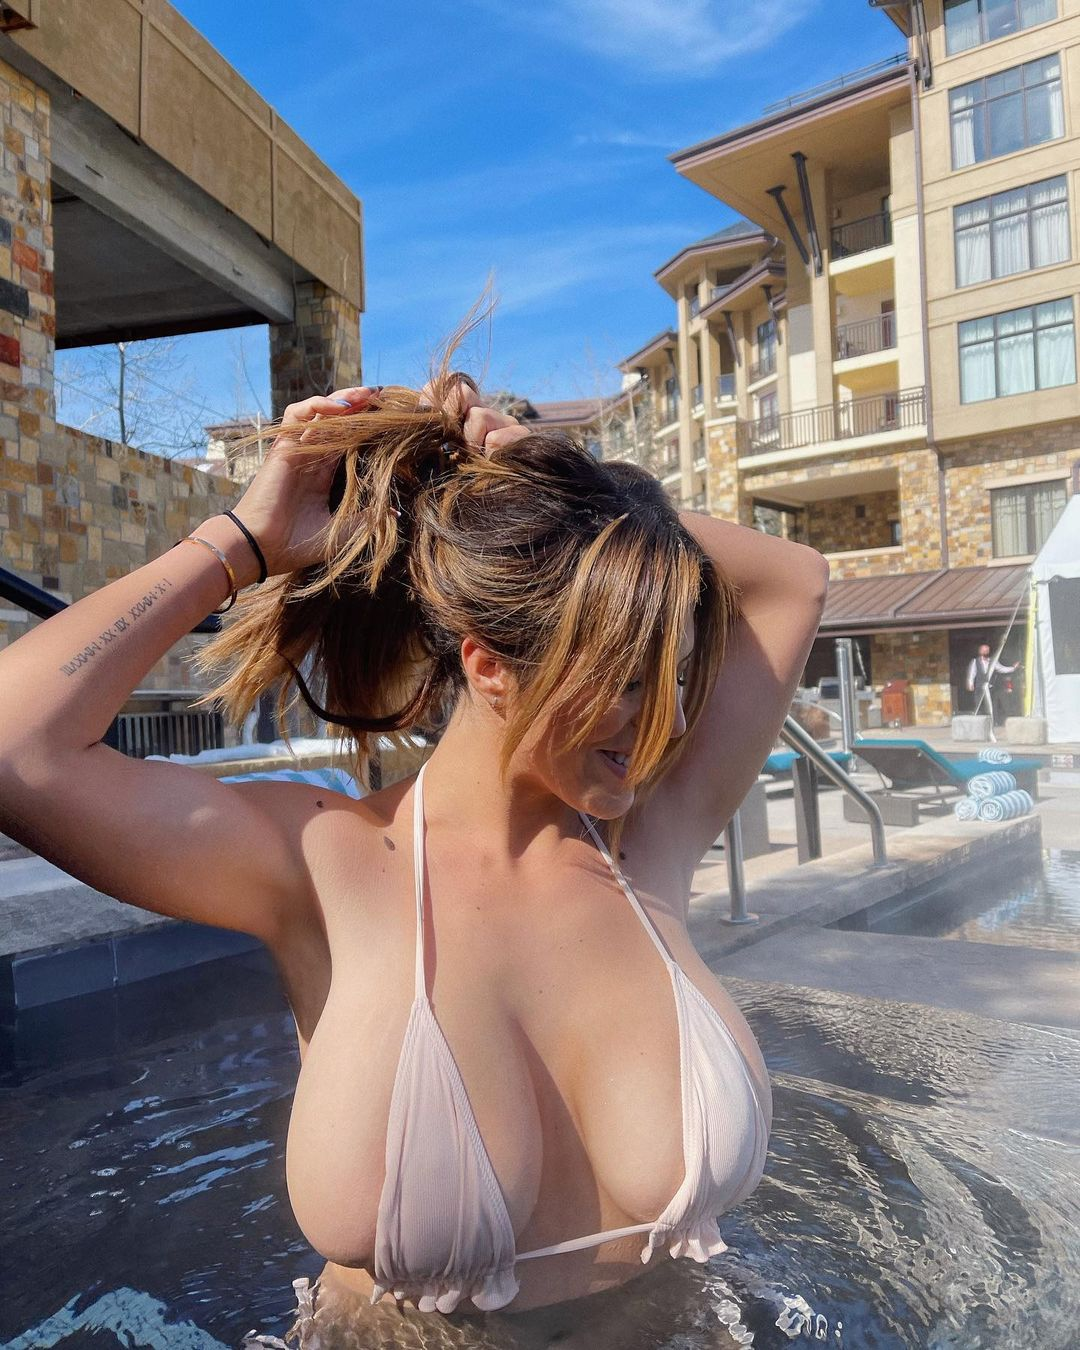 ダニエル・アヤラ「零れ落ちそうな極小ビキニ…」温水プールでウォッカをぐいっと【画像4枚】の画像002